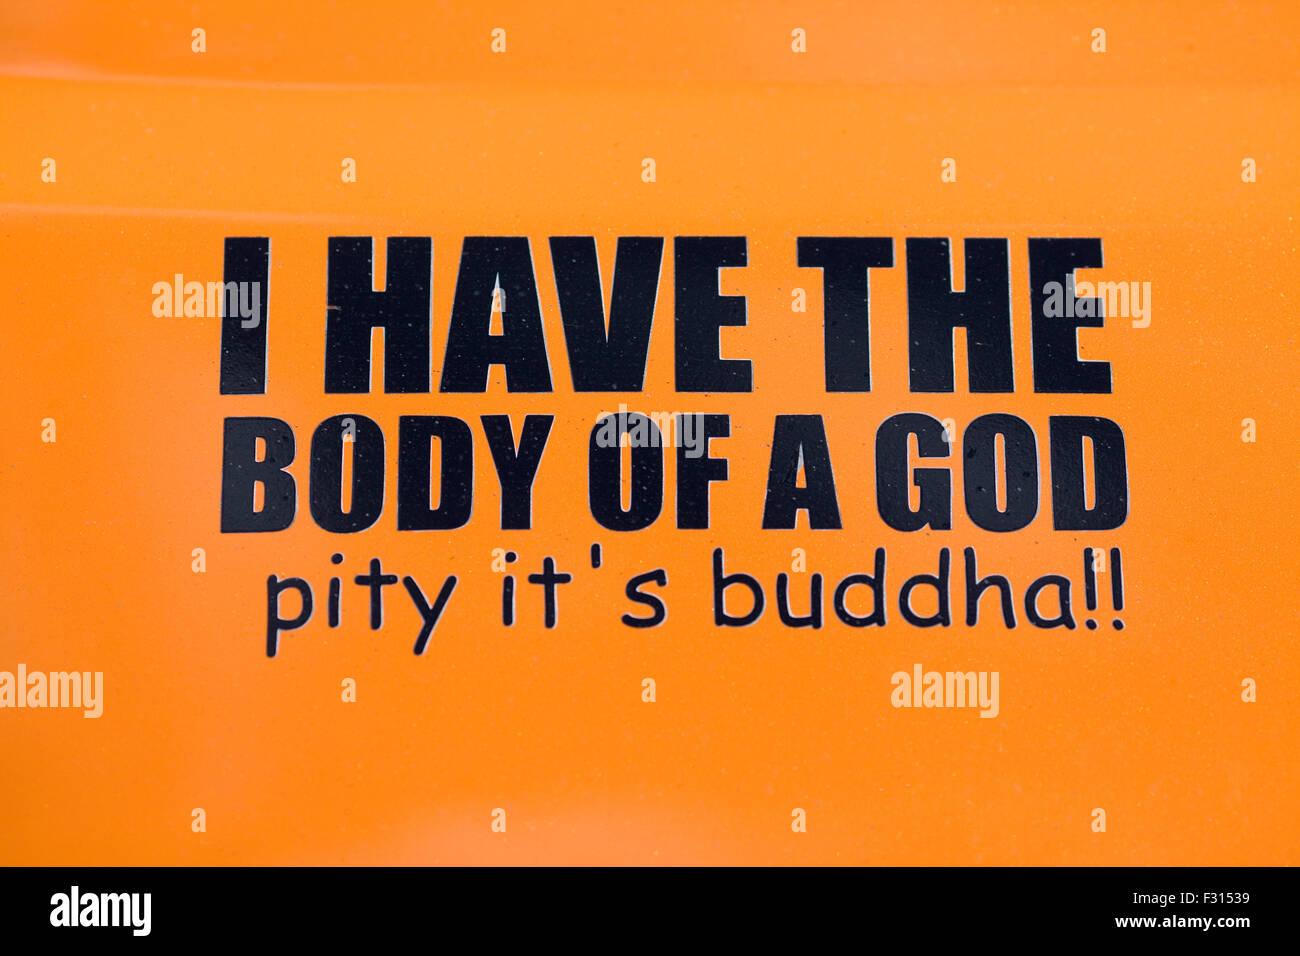 Tengo el cuerpo de un dios lástima su Buda signo naranja y negro Imagen De Stock